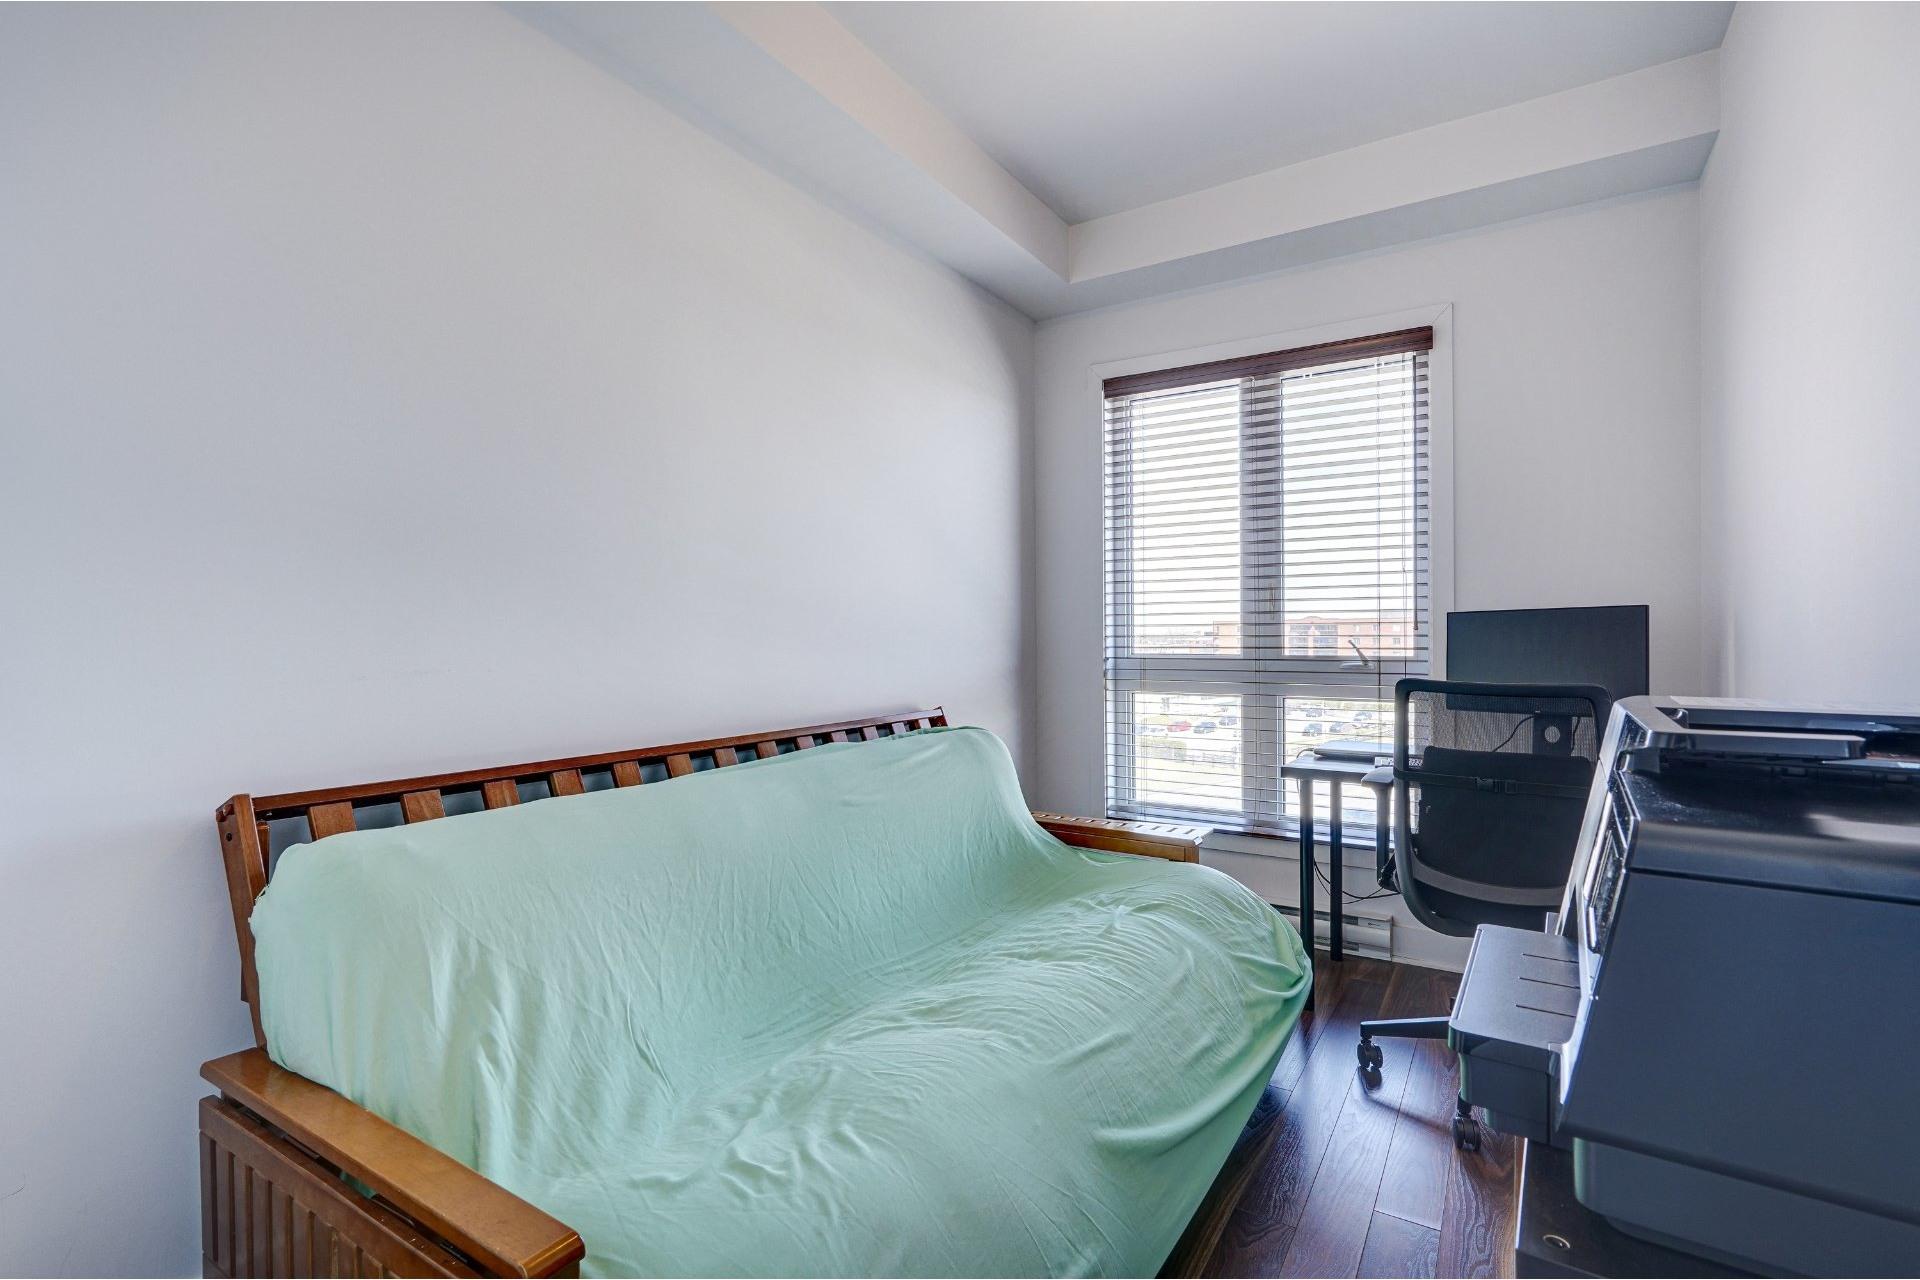 image 17 - Appartement À vendre Saint-Laurent Montréal  - 7 pièces